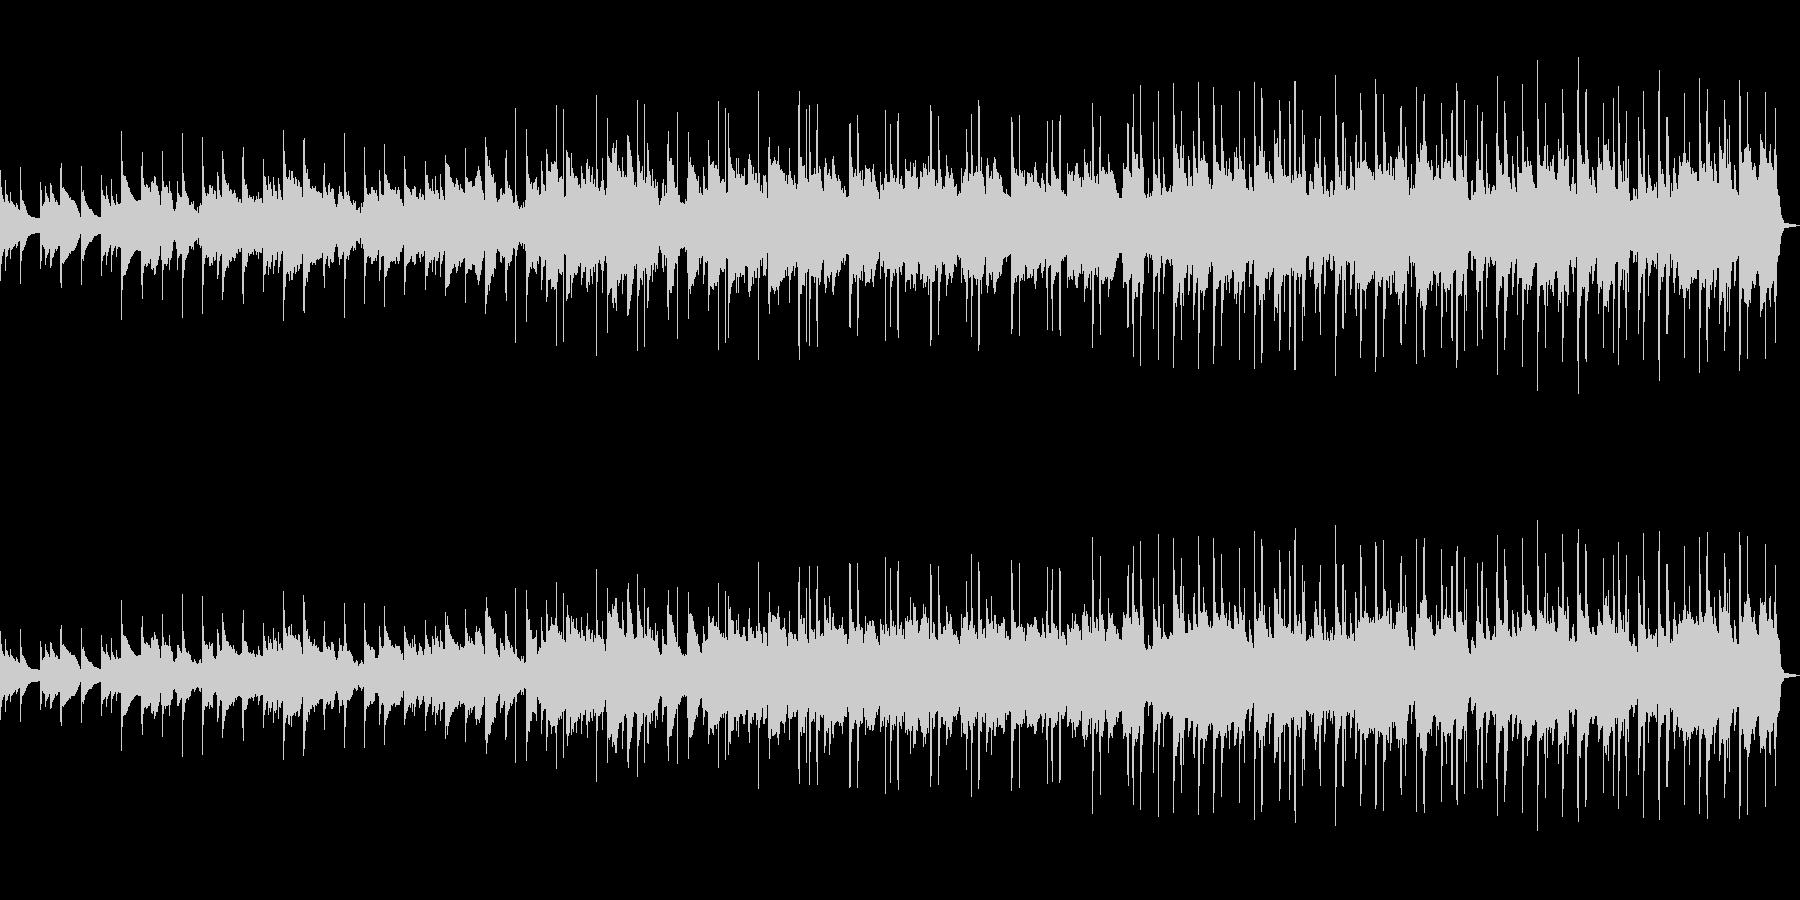 エレピメインの切ない曲の未再生の波形